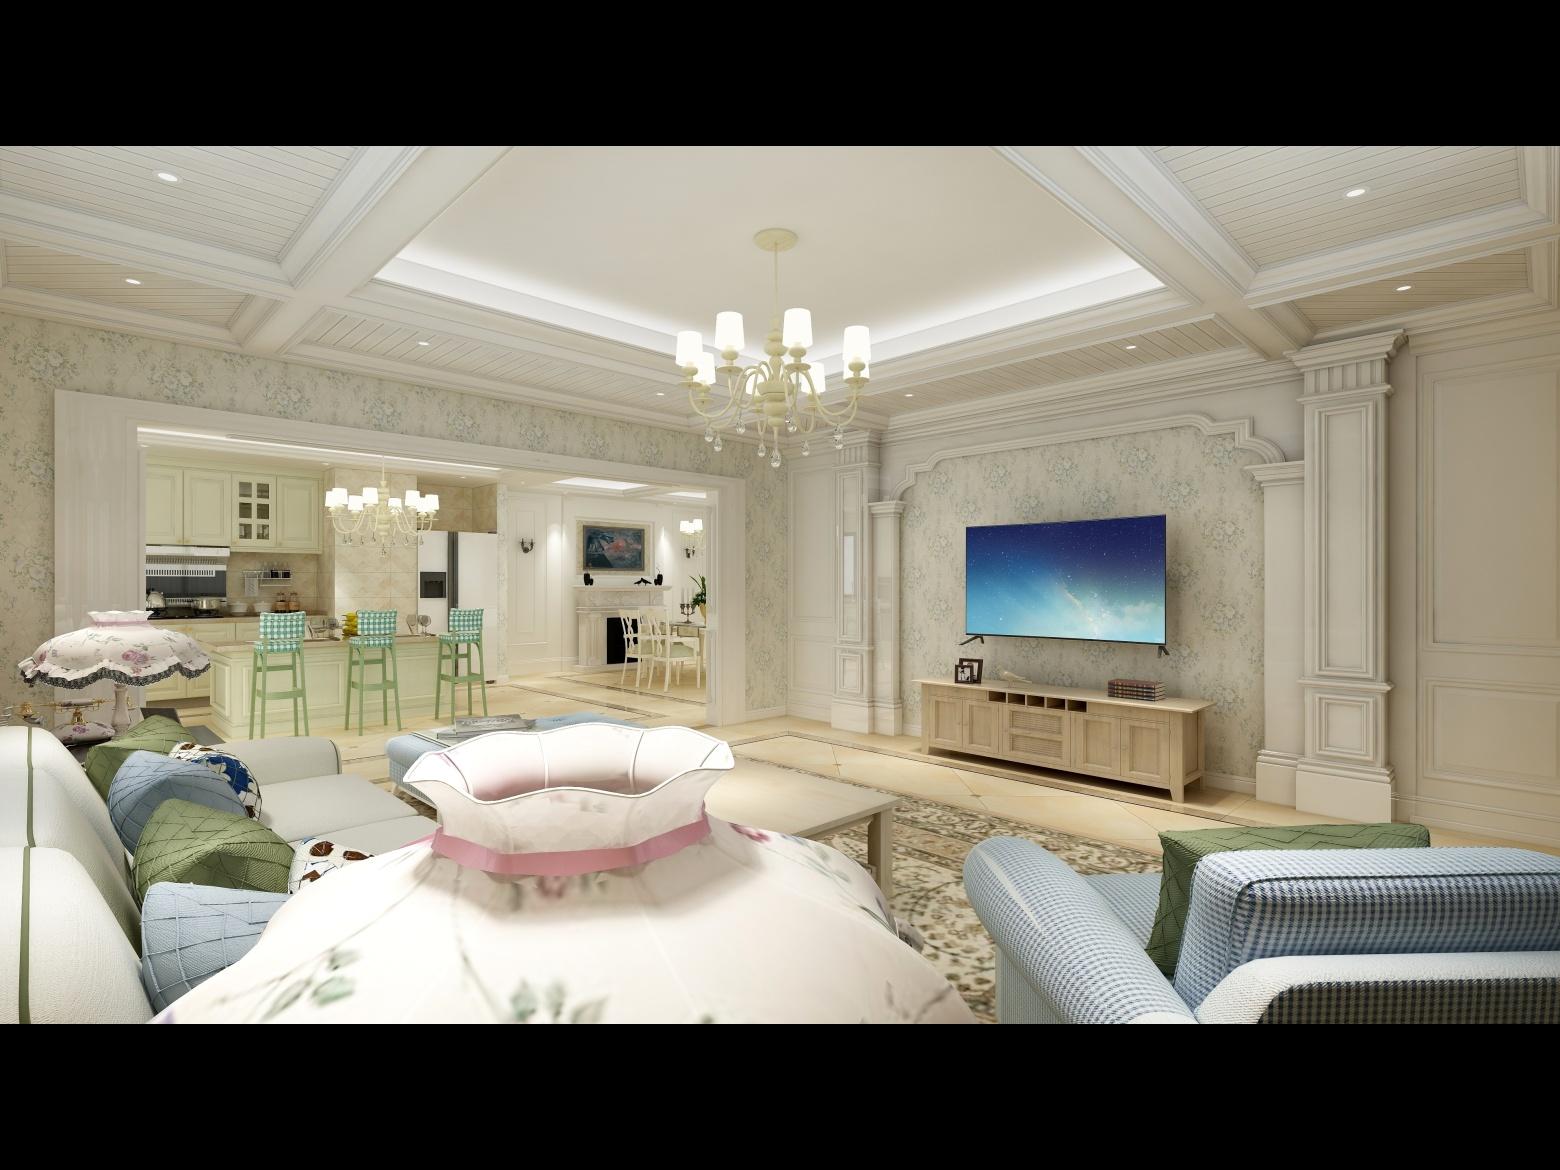 j家装壁纸大全_客厅电视背景墙后现代风格 装修图片 网页图库手机 - 無料 ...